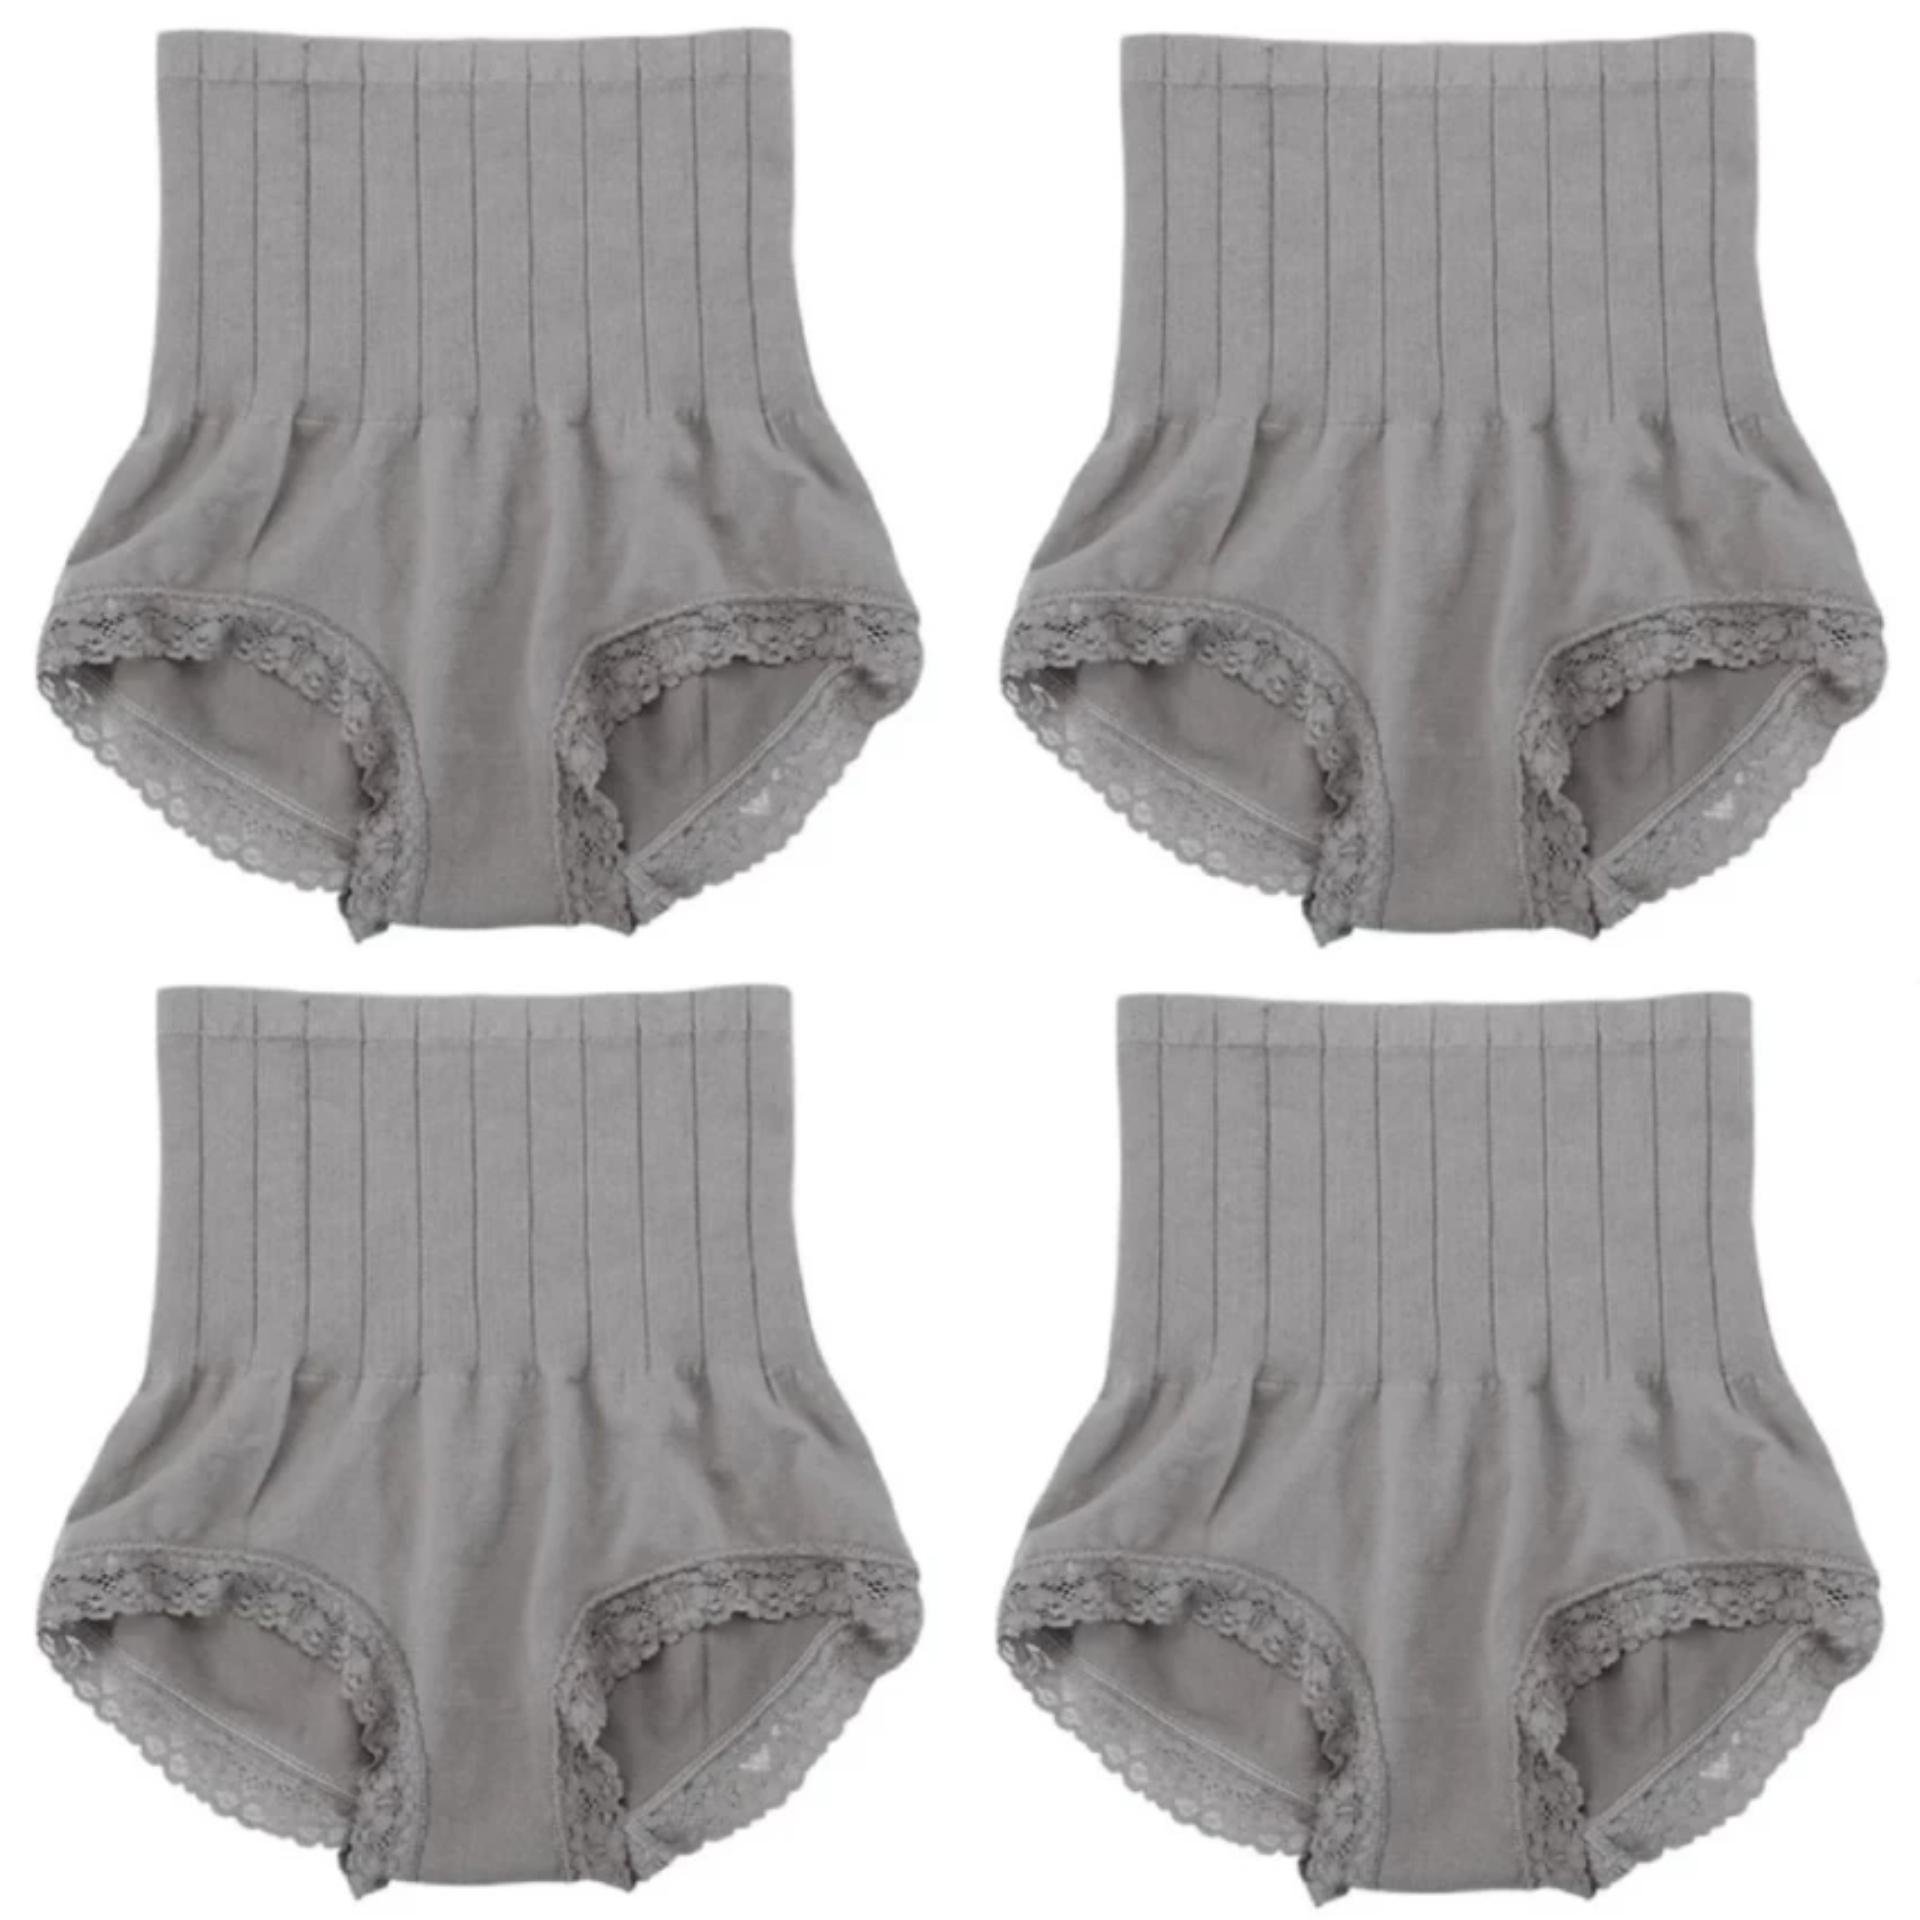 Toko Munafie Slim Pant Korset Japan Pelangsing Celana Allsize Abu Abu 4 Pcs Di Dki Jakarta